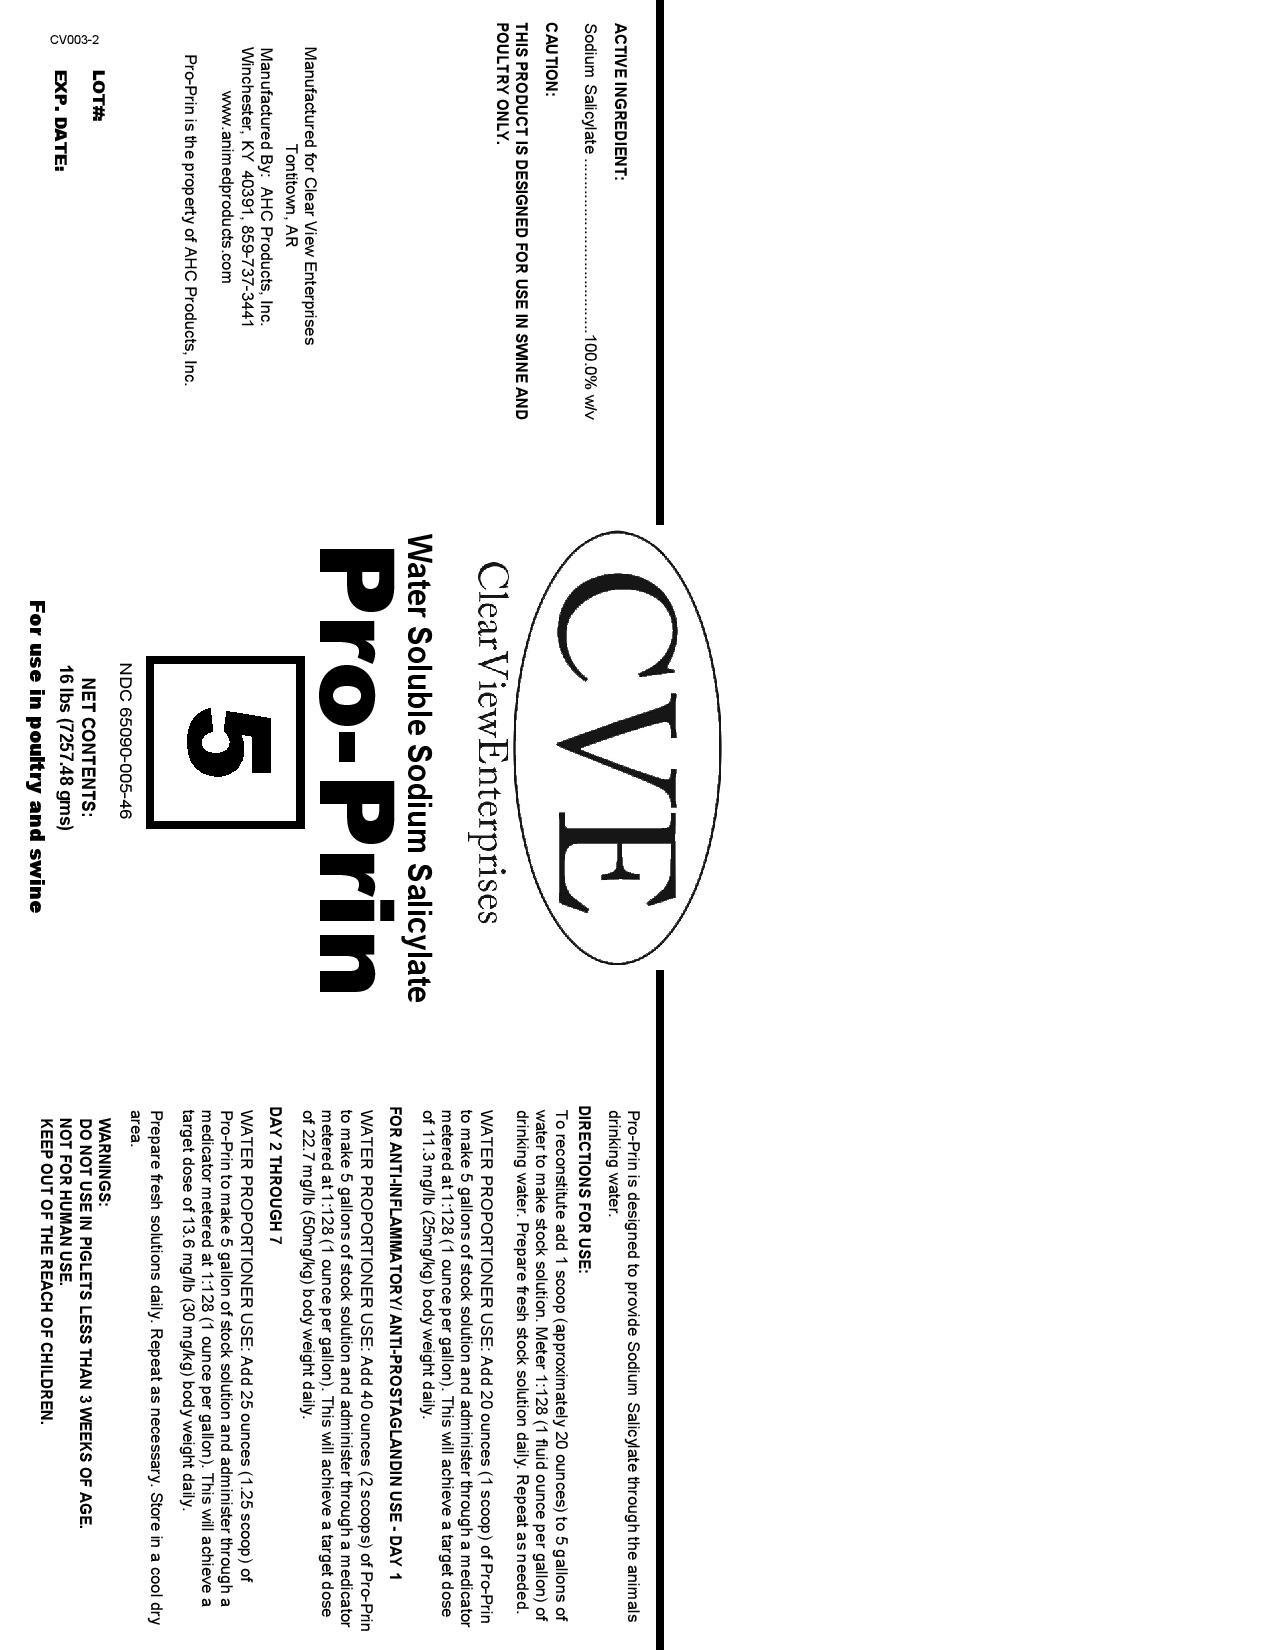 Image of jar label